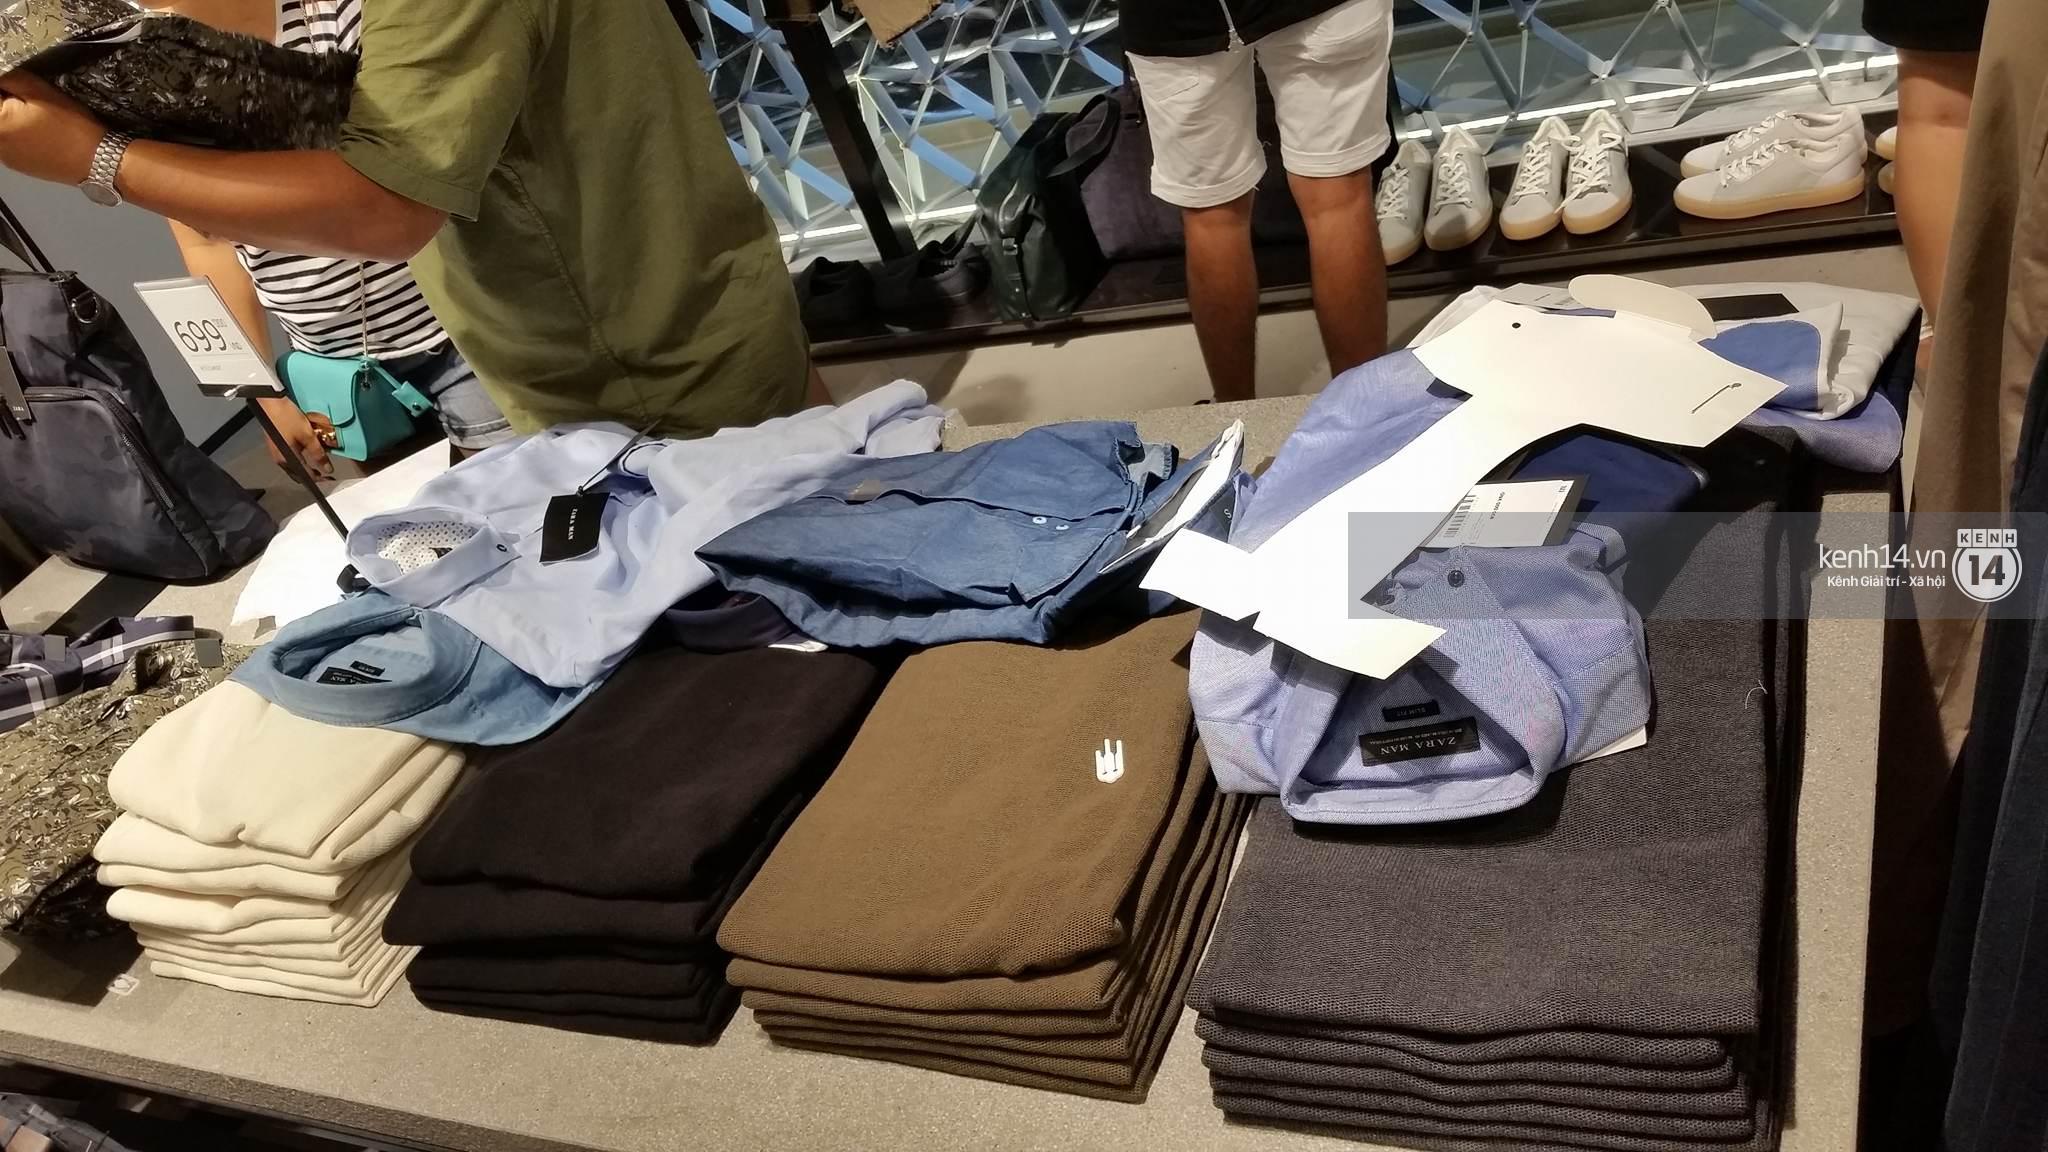 Gần đến giờ đóng cửa, store Zara Việt Nam vẫn đông nghịt, từng hàng dài chờ thanh toán hóa đơn cả chục triệu - Ảnh 12.